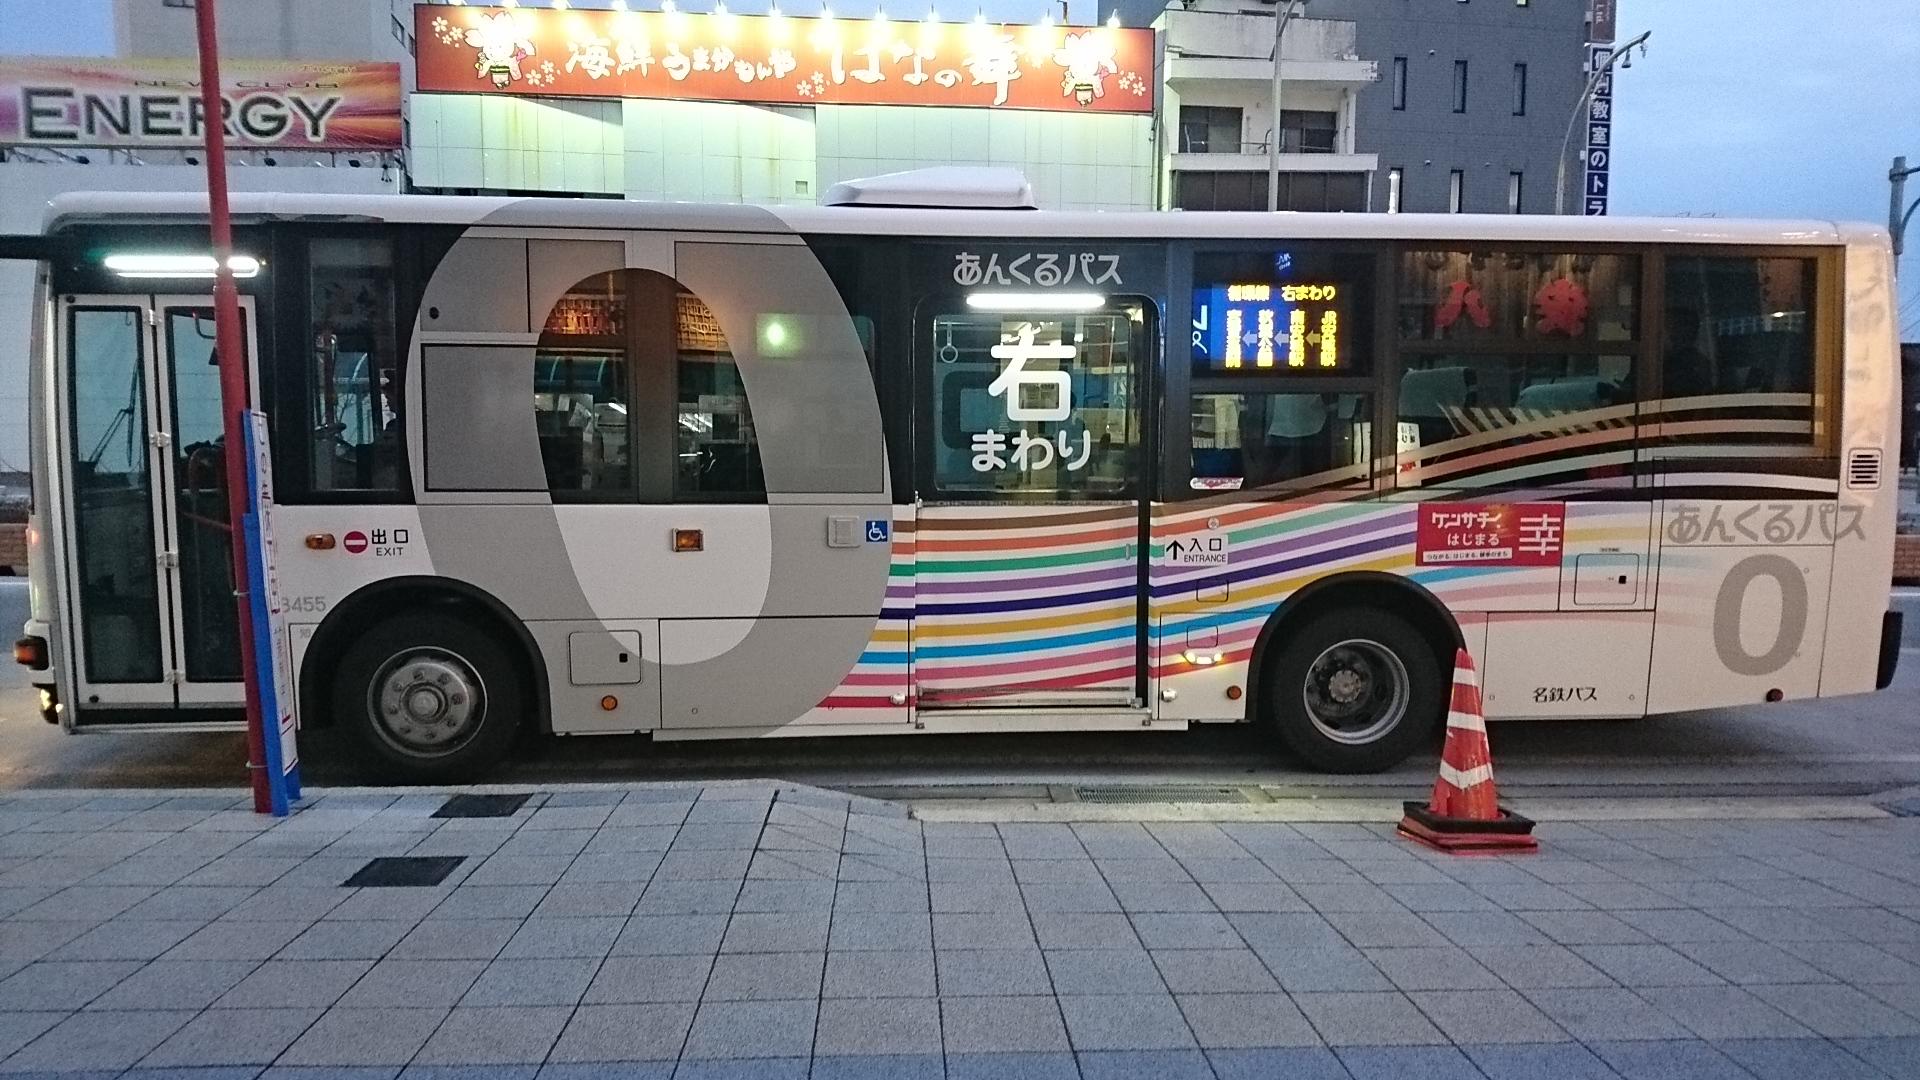 2017.2.22 あんじょうえきまえ - あんくるバス